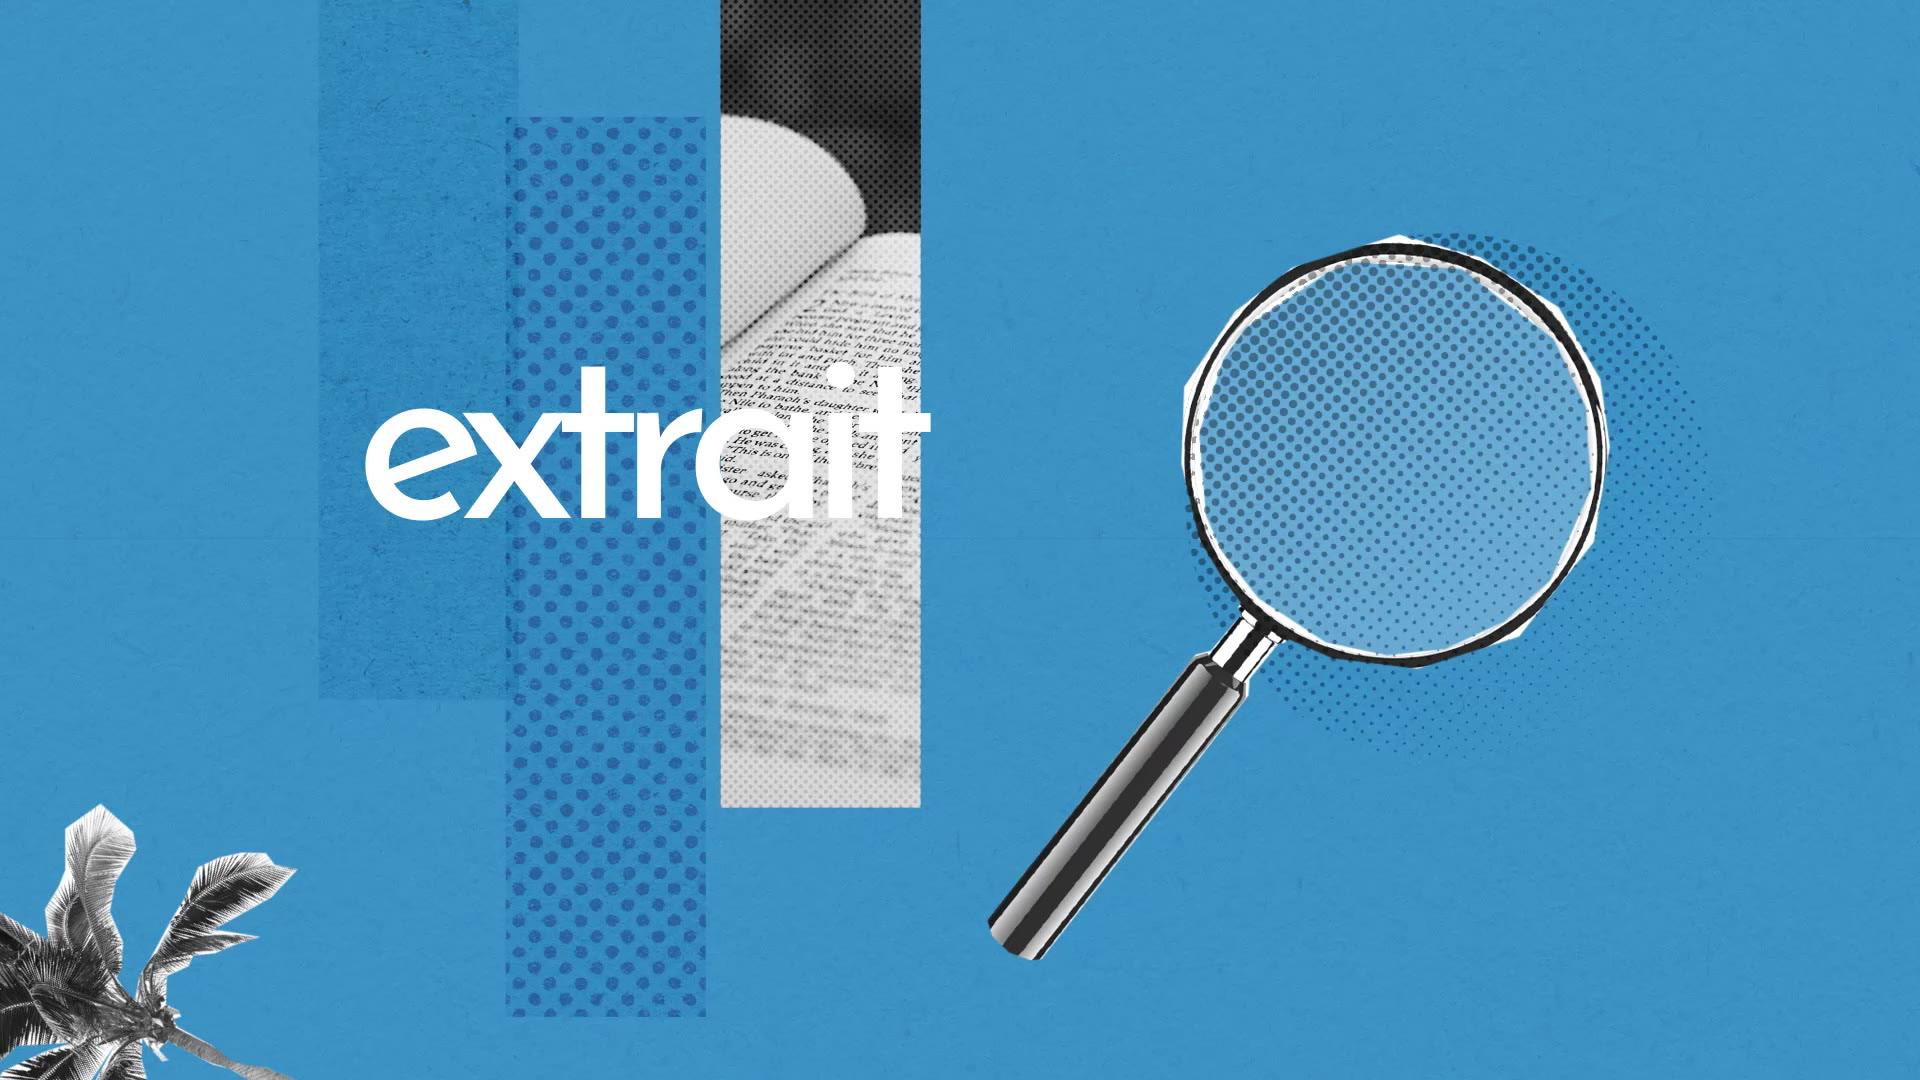 Extrait : Définition simple et facile du dictionnaire